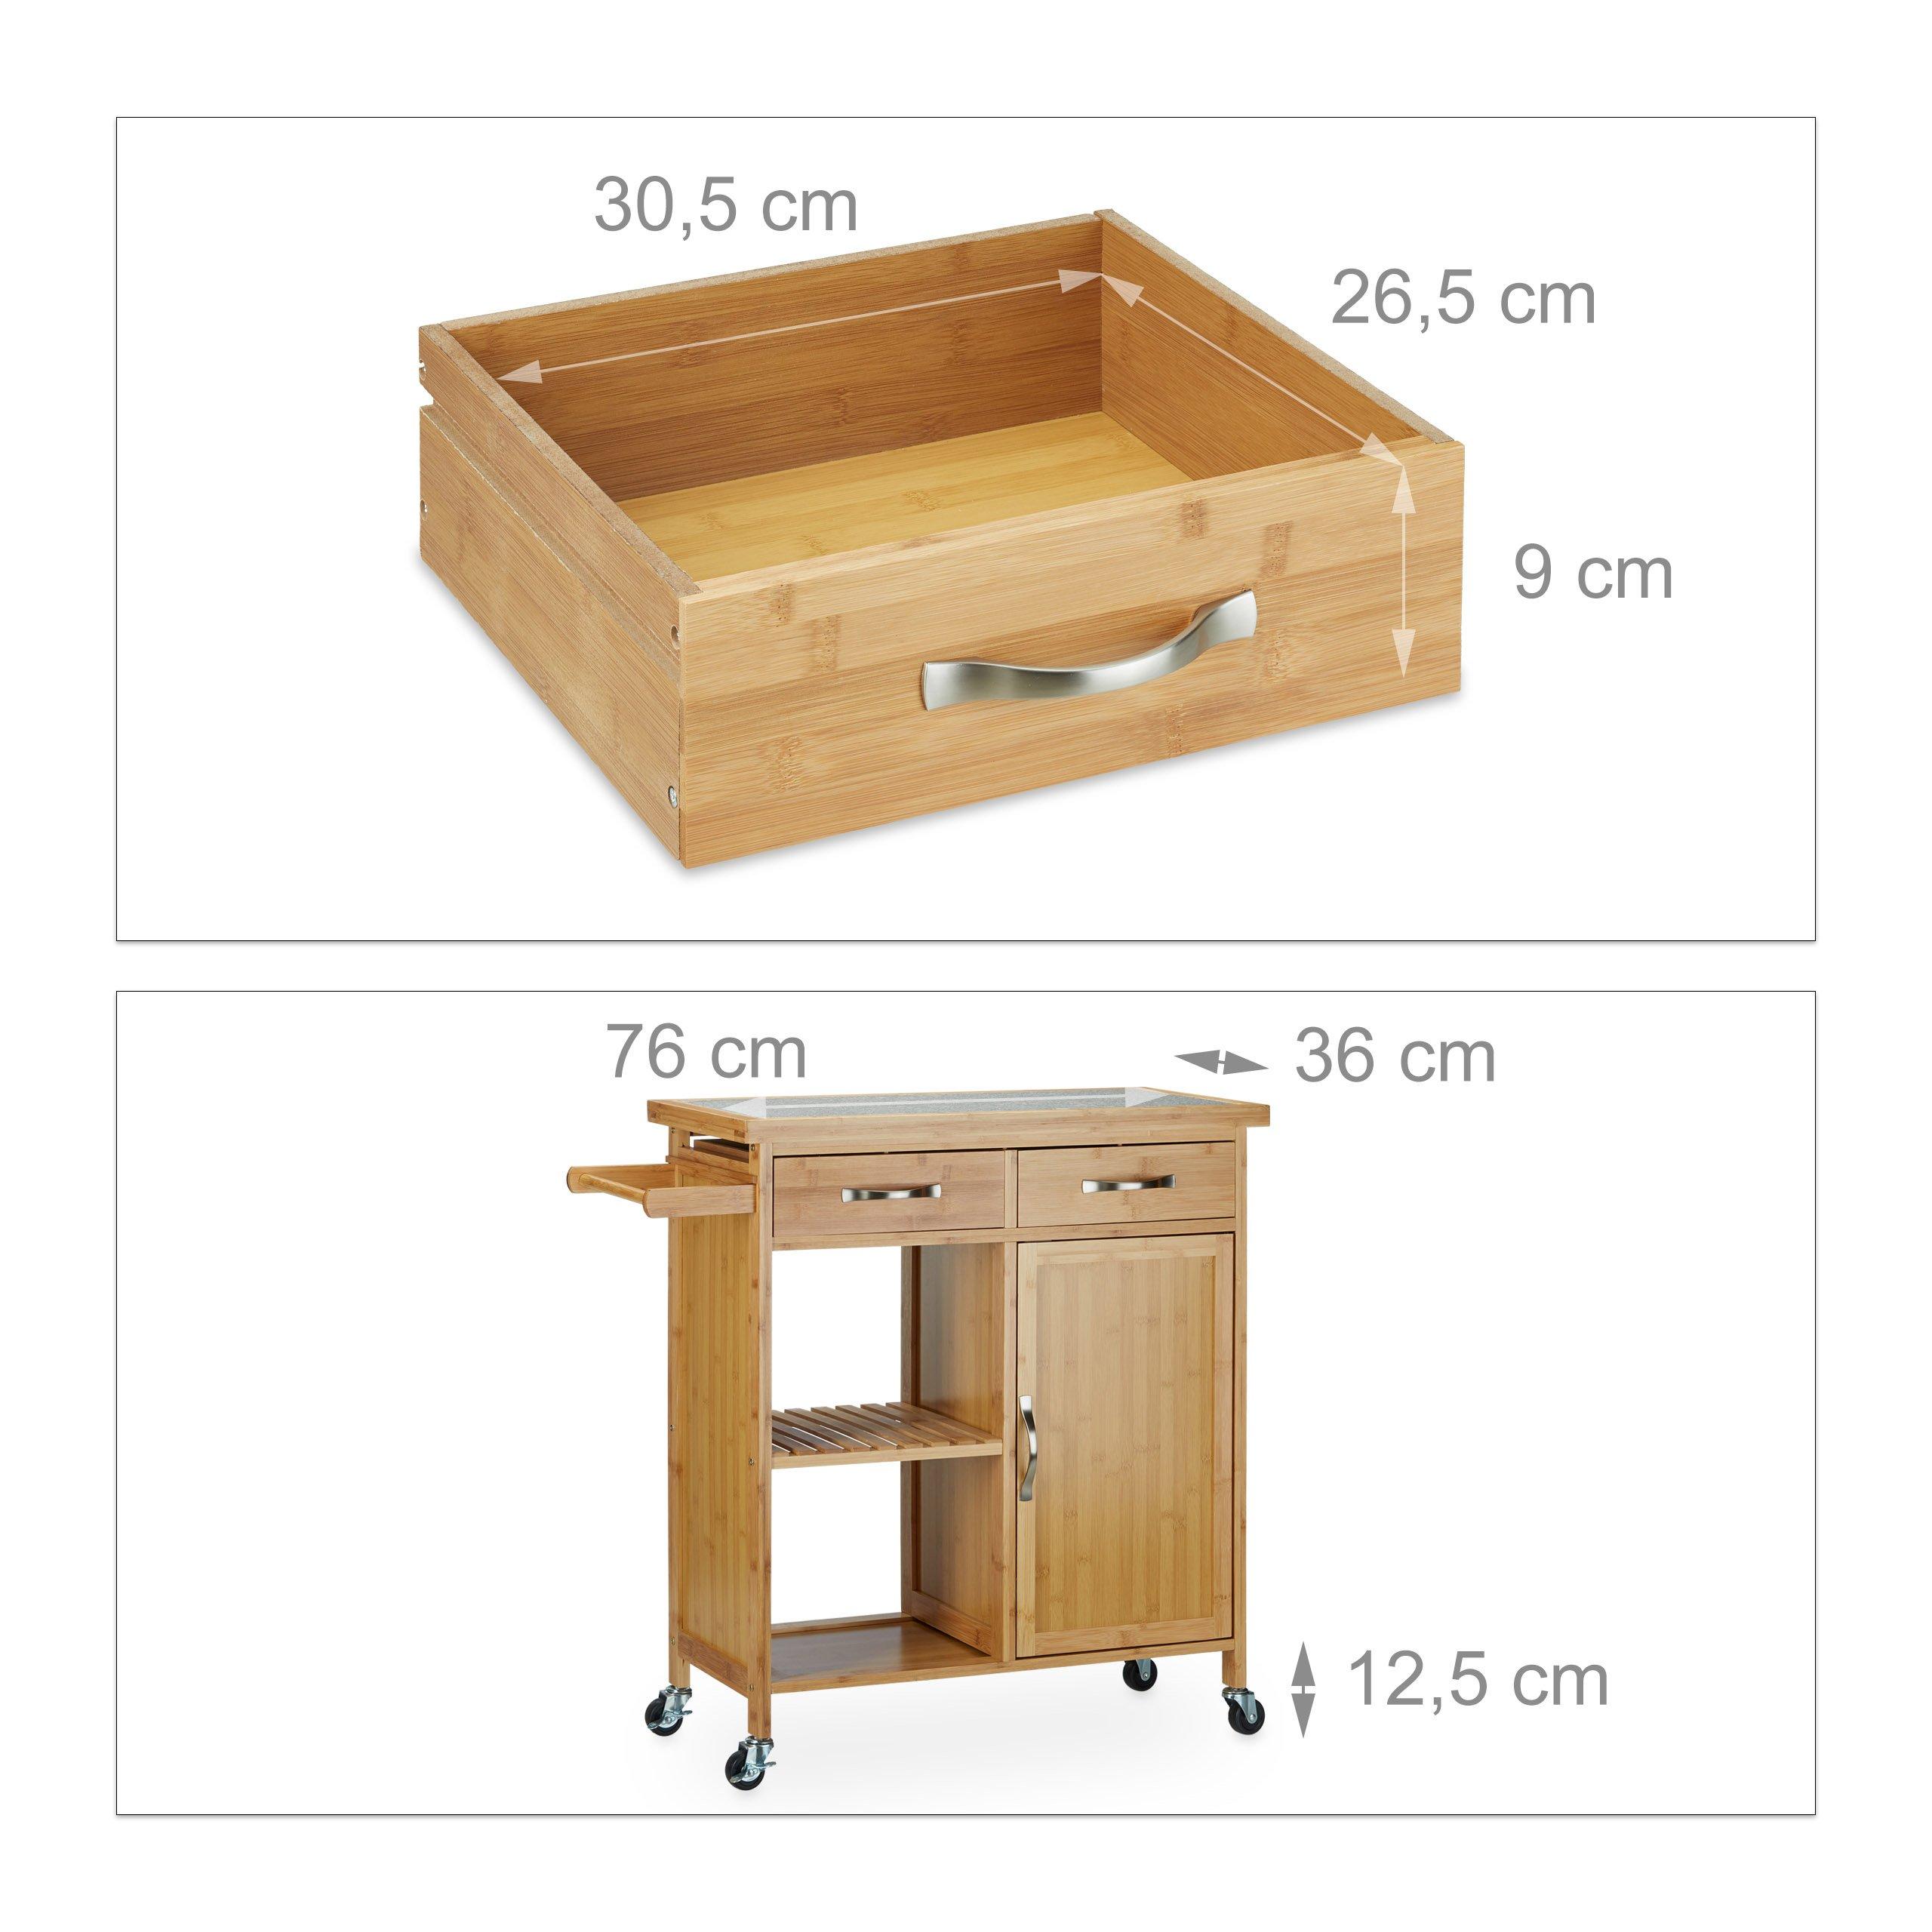 Relaxdays Kuchenwagen Holz Bambus 4 Rollen Arbeitsplatte Aus